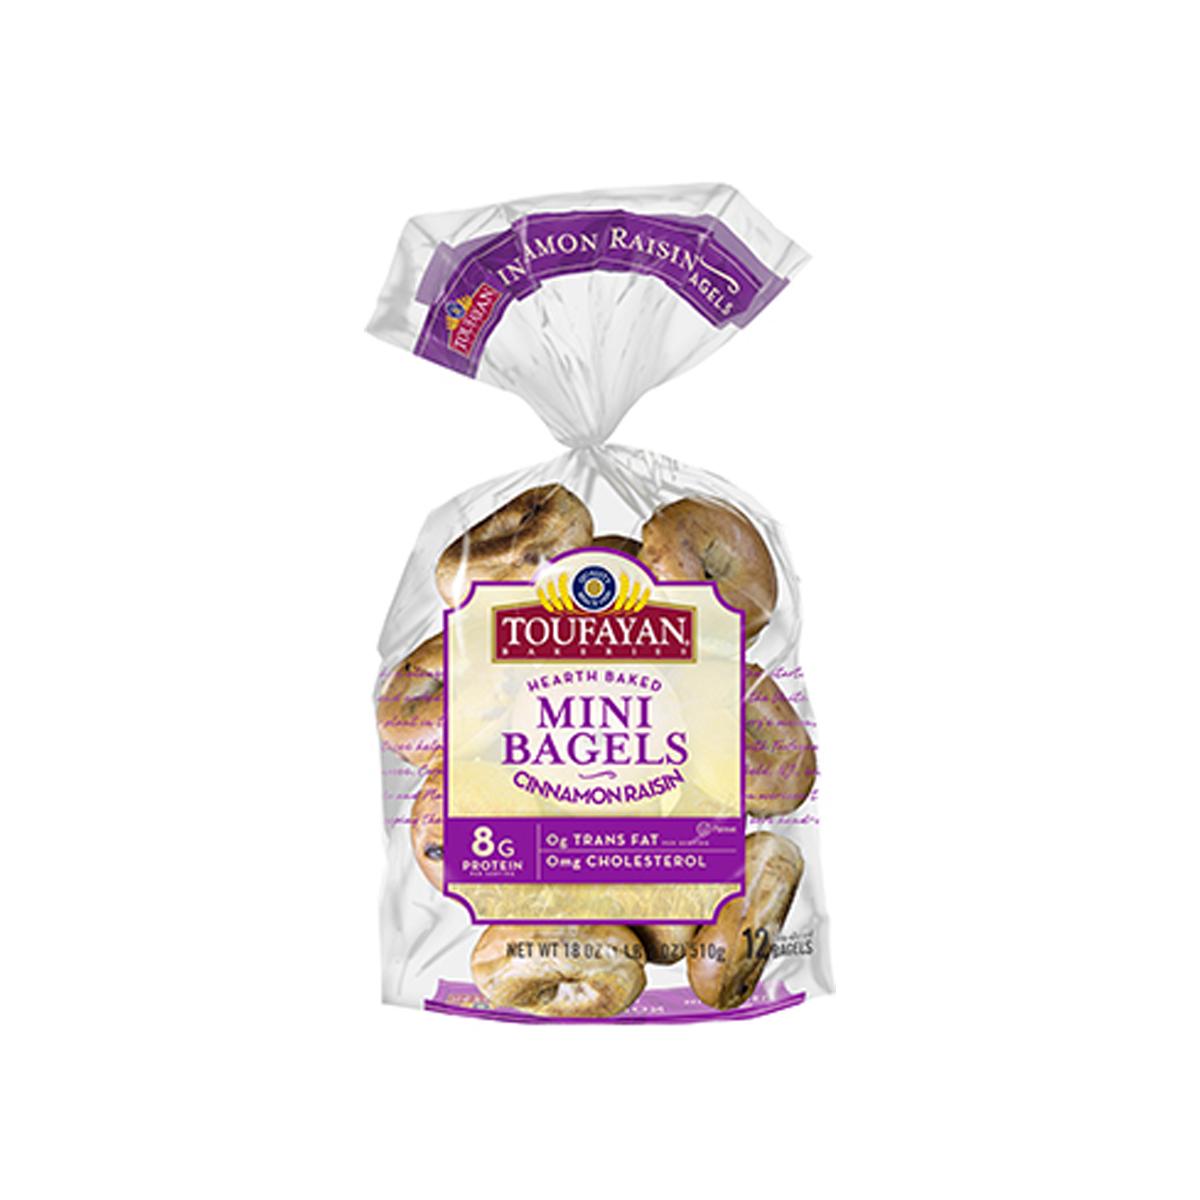 Mini Bagel Cinnamon